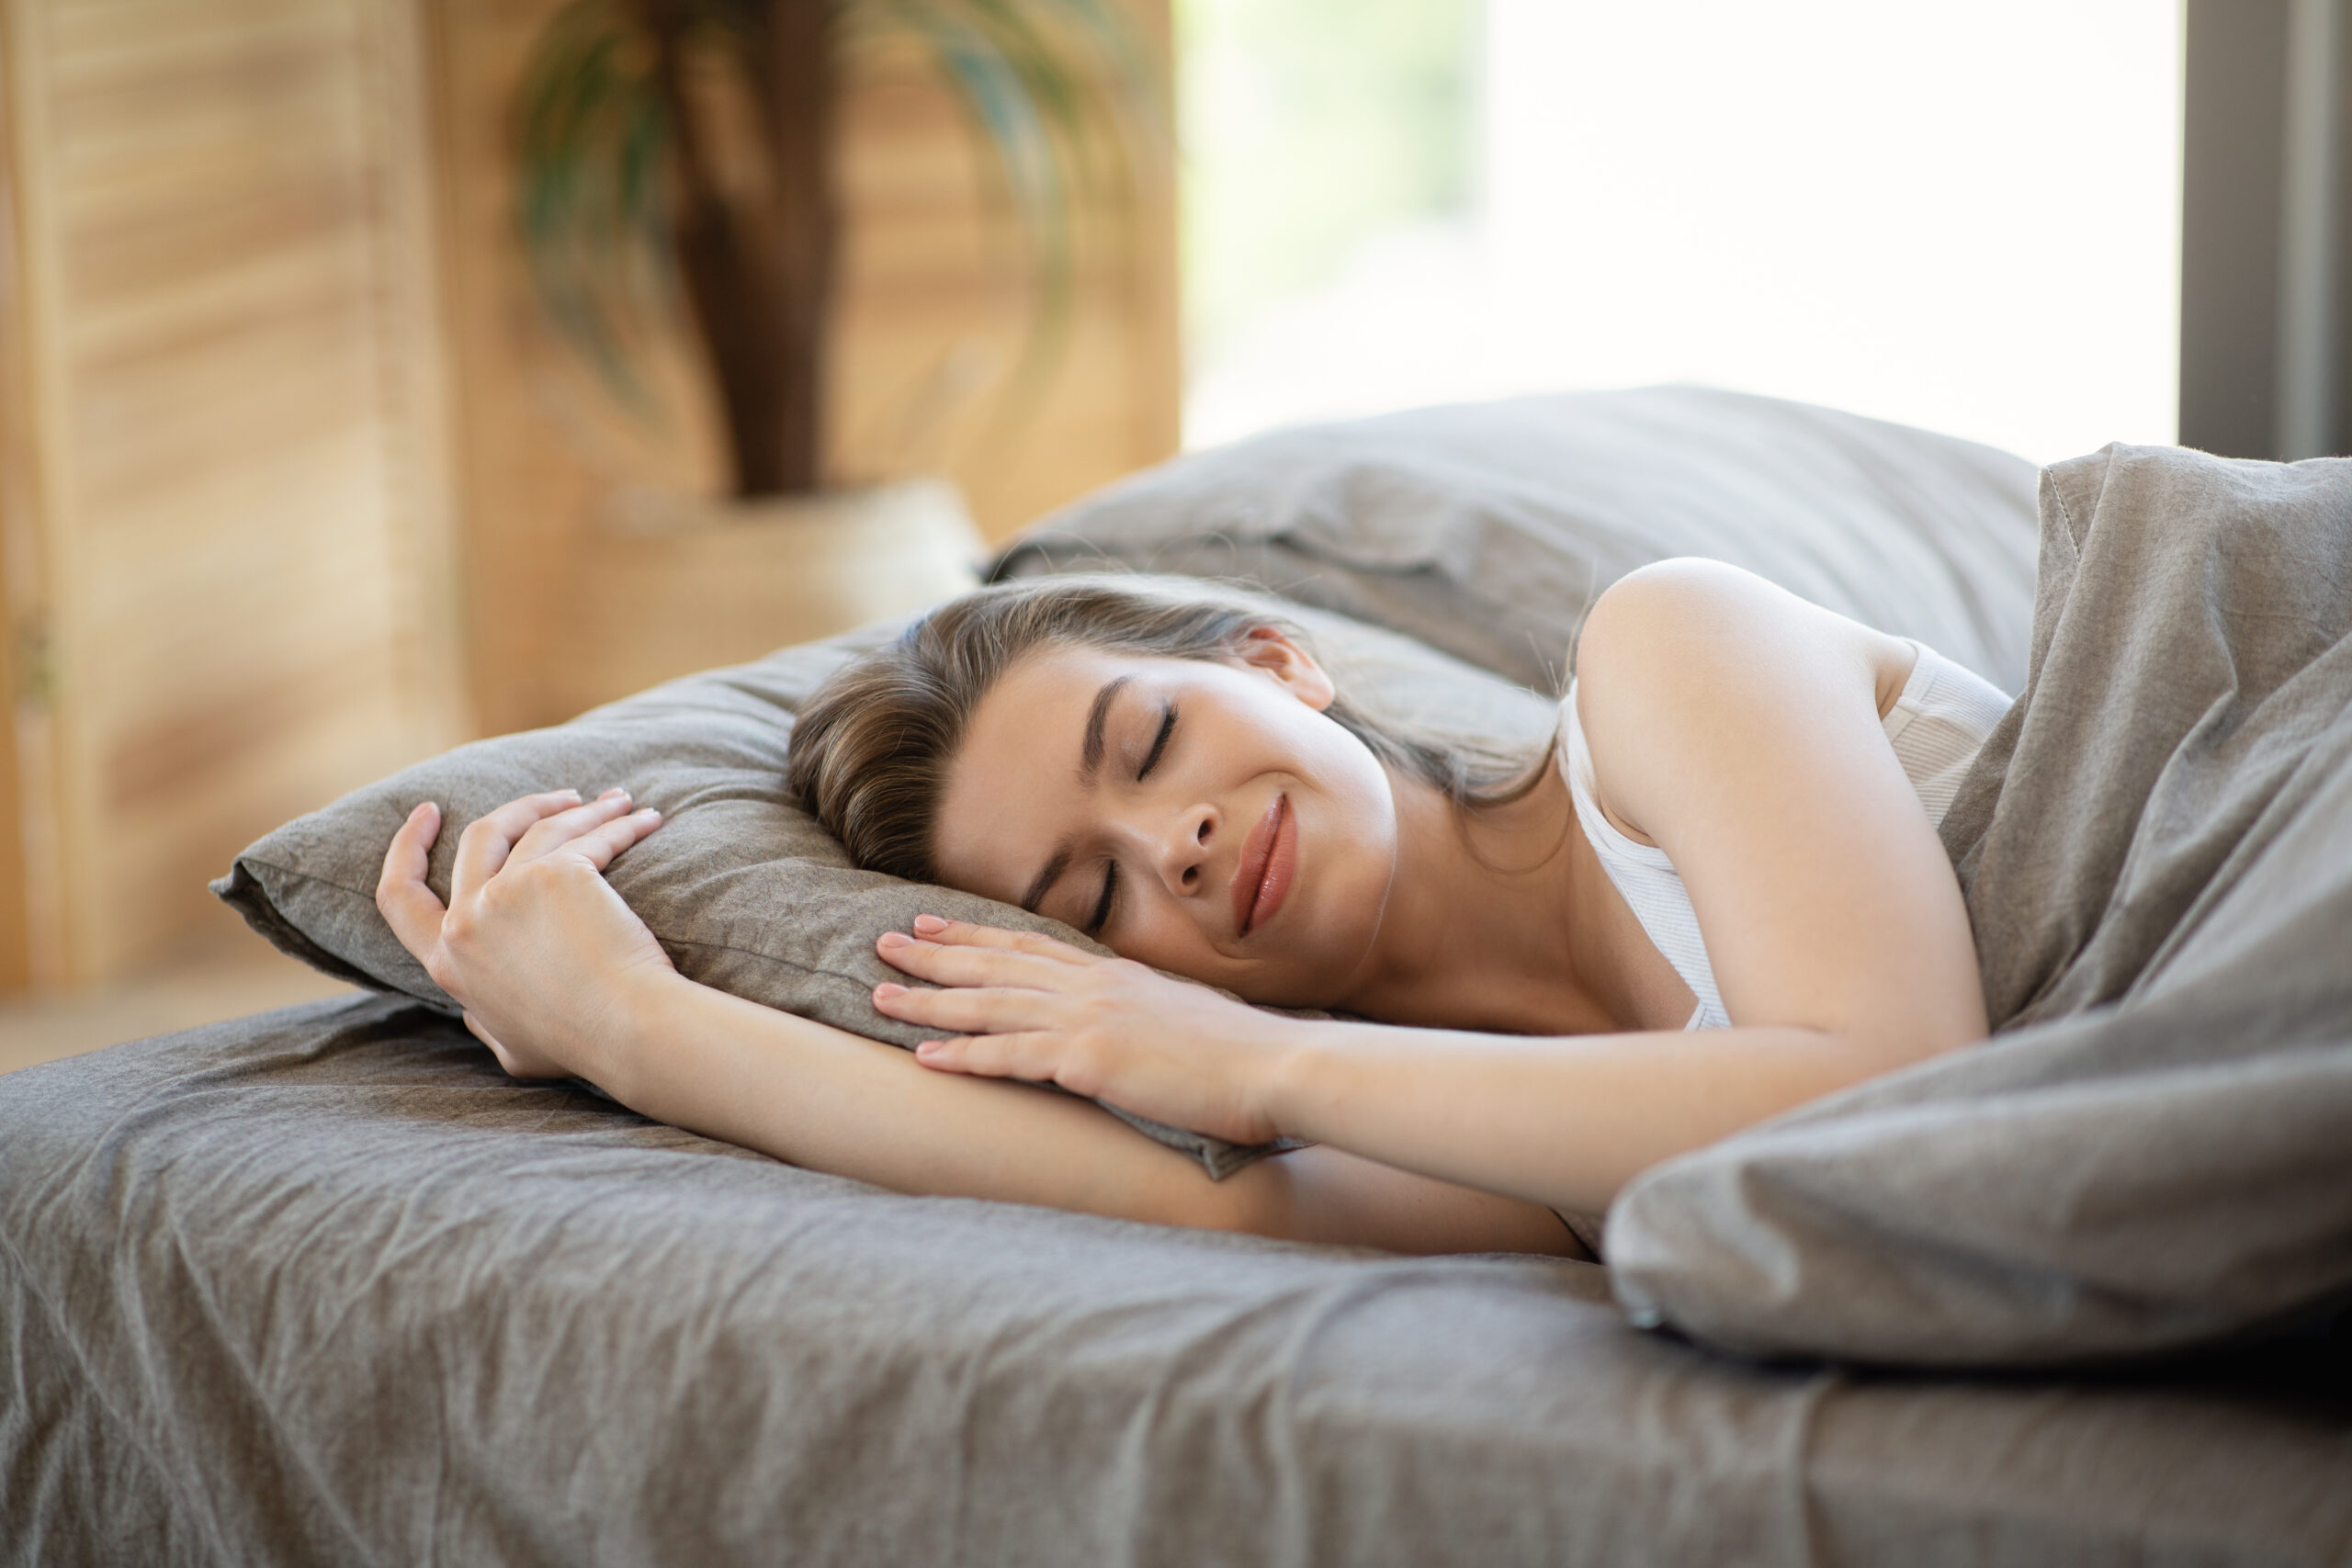 comfy-and-healt